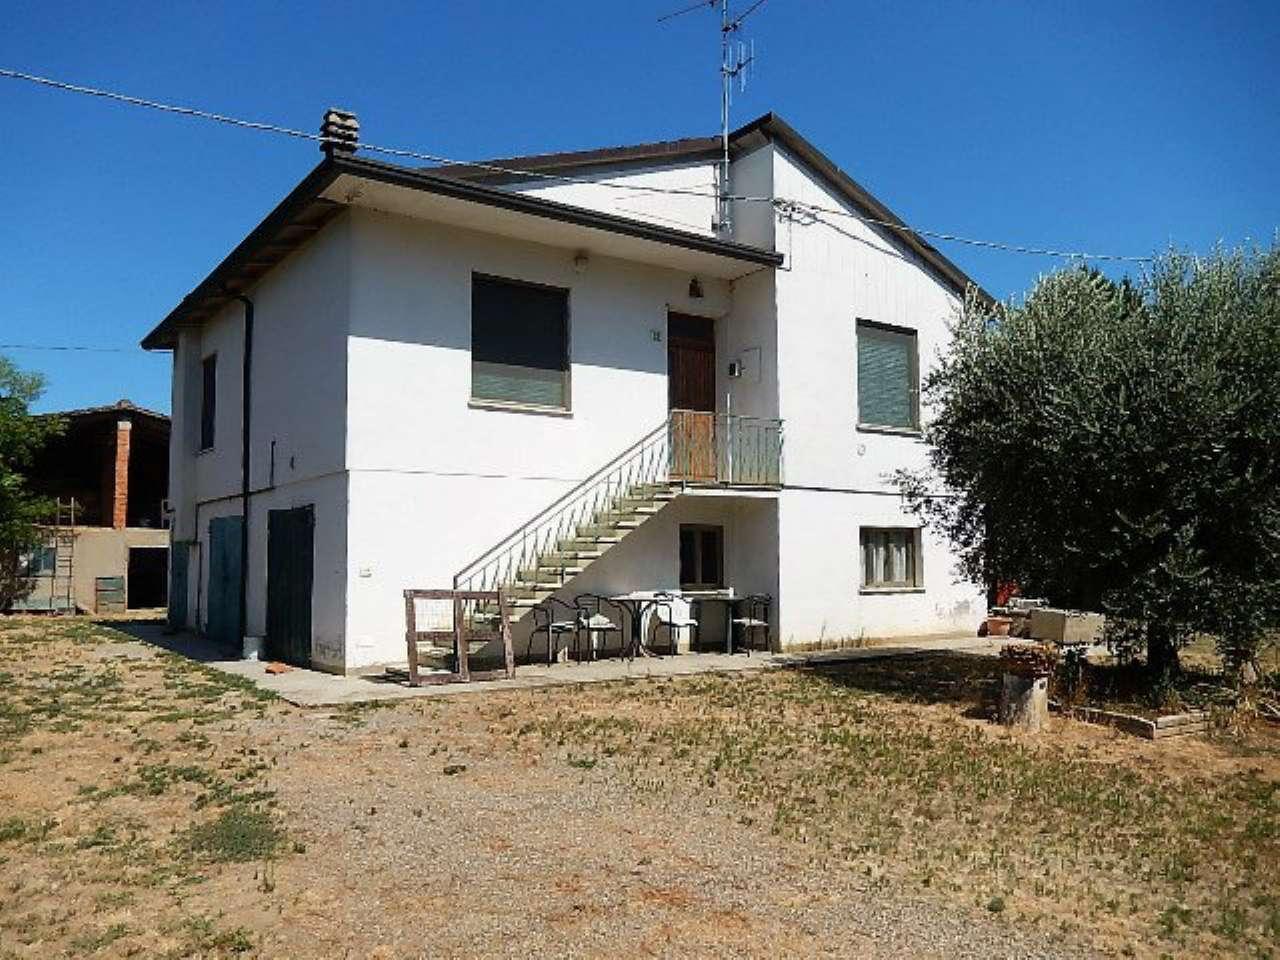 Soluzione Indipendente in vendita a Forlì, 7 locali, prezzo € 250.000   CambioCasa.it